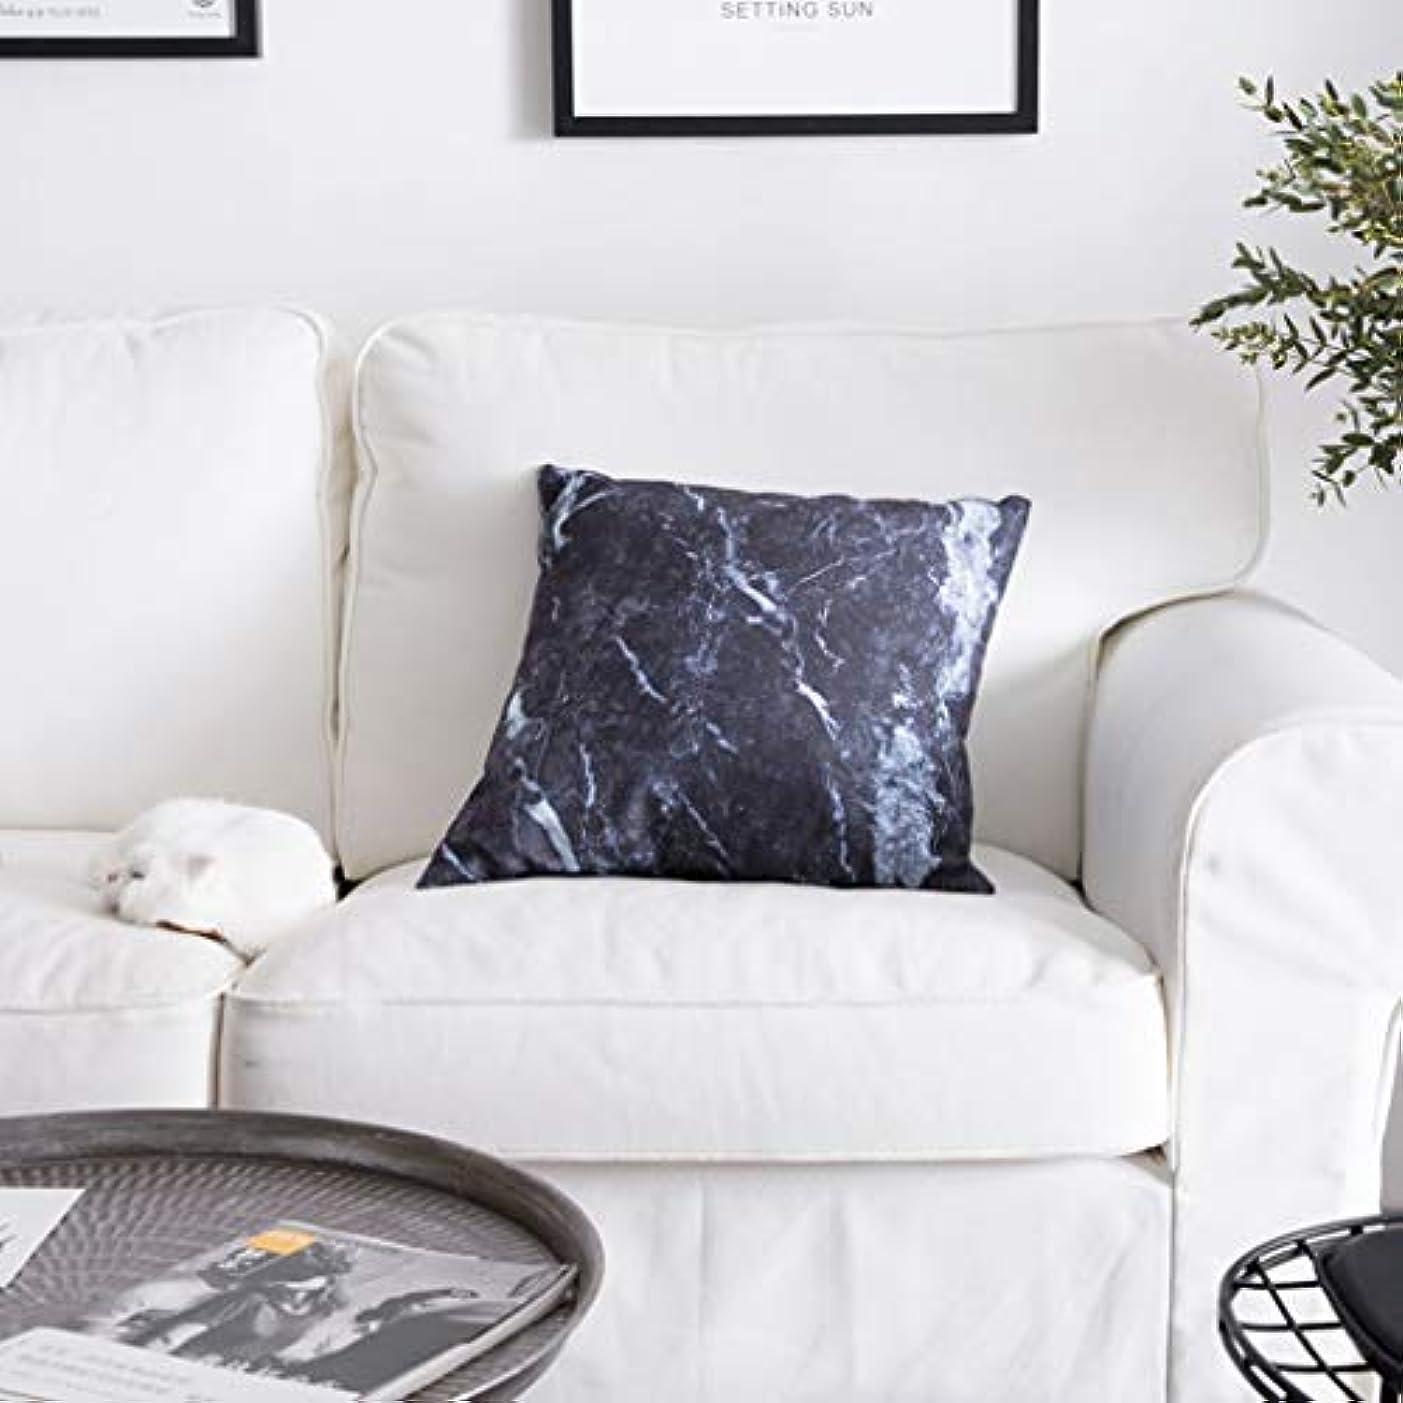 雨のノベルティパックDYHOZZ 正方形の装飾的な枕、パーソナライズアート枕、両面プリントのソファクッション45 cm×45 cm まくら (パターン : B)